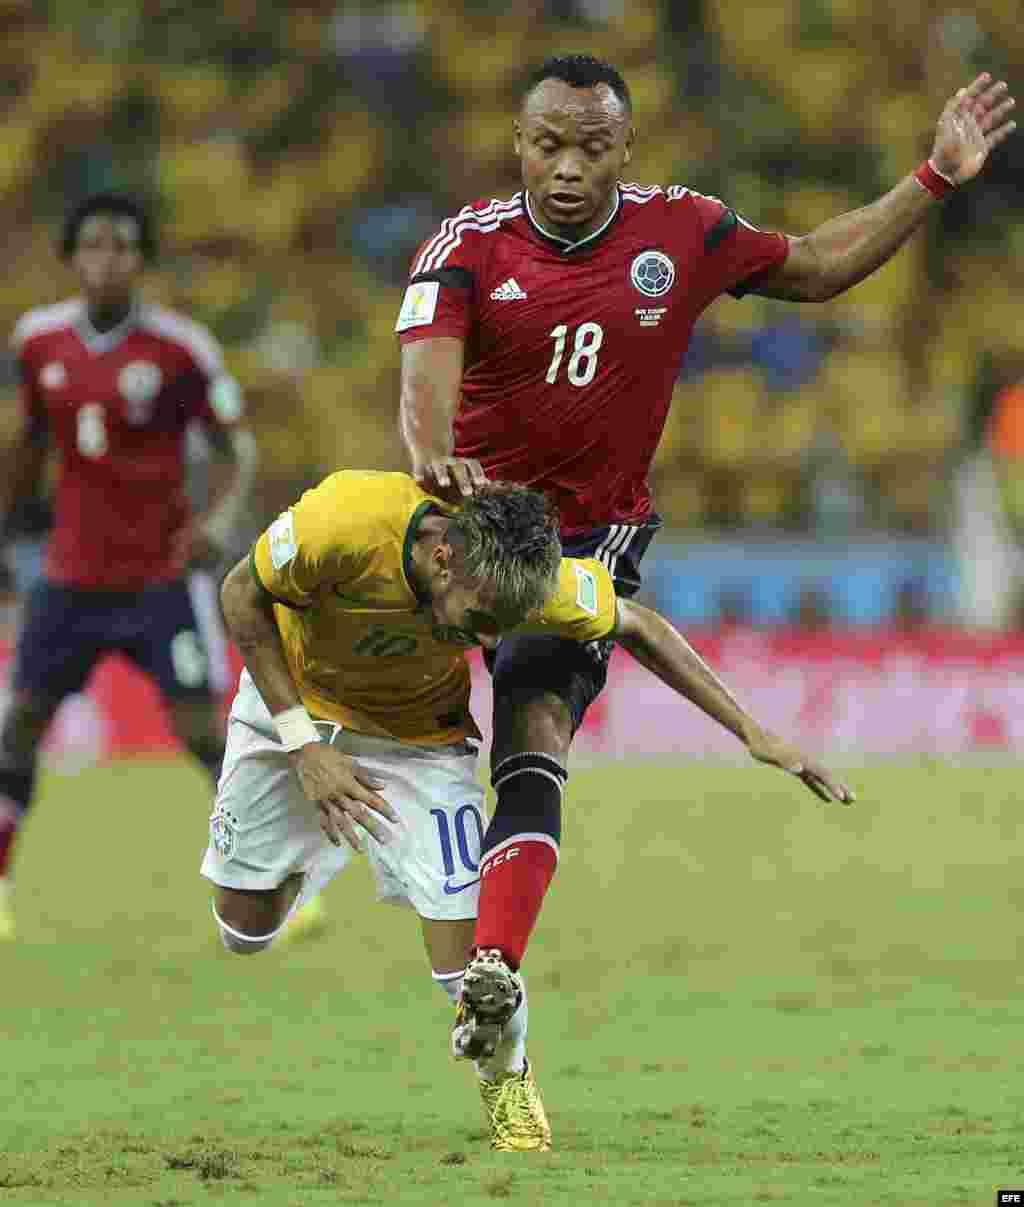 El delantero brasileño Neymar (i) cae ante el defensa colombiano Juan Zúñiga, durante el partido Brasil-Colombia, de cuartos de final del Mundial de Fútbol de Brasil 2014, en el Estadio Castelão de Fortaleza, Brasil.